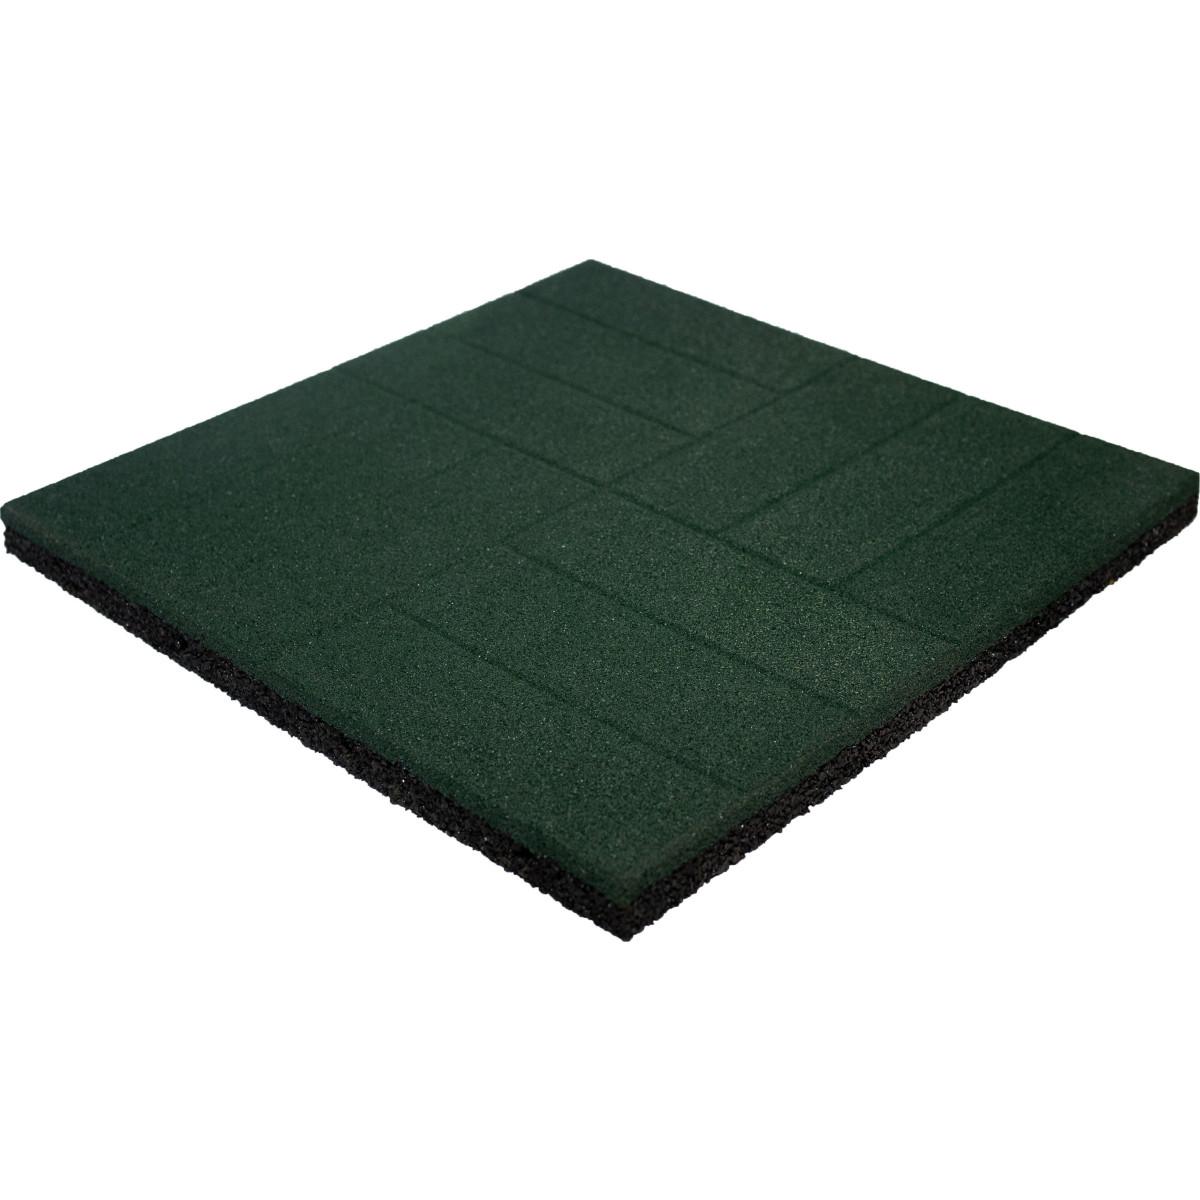 Плитка резиновая 500х500х40 паркет зеленый